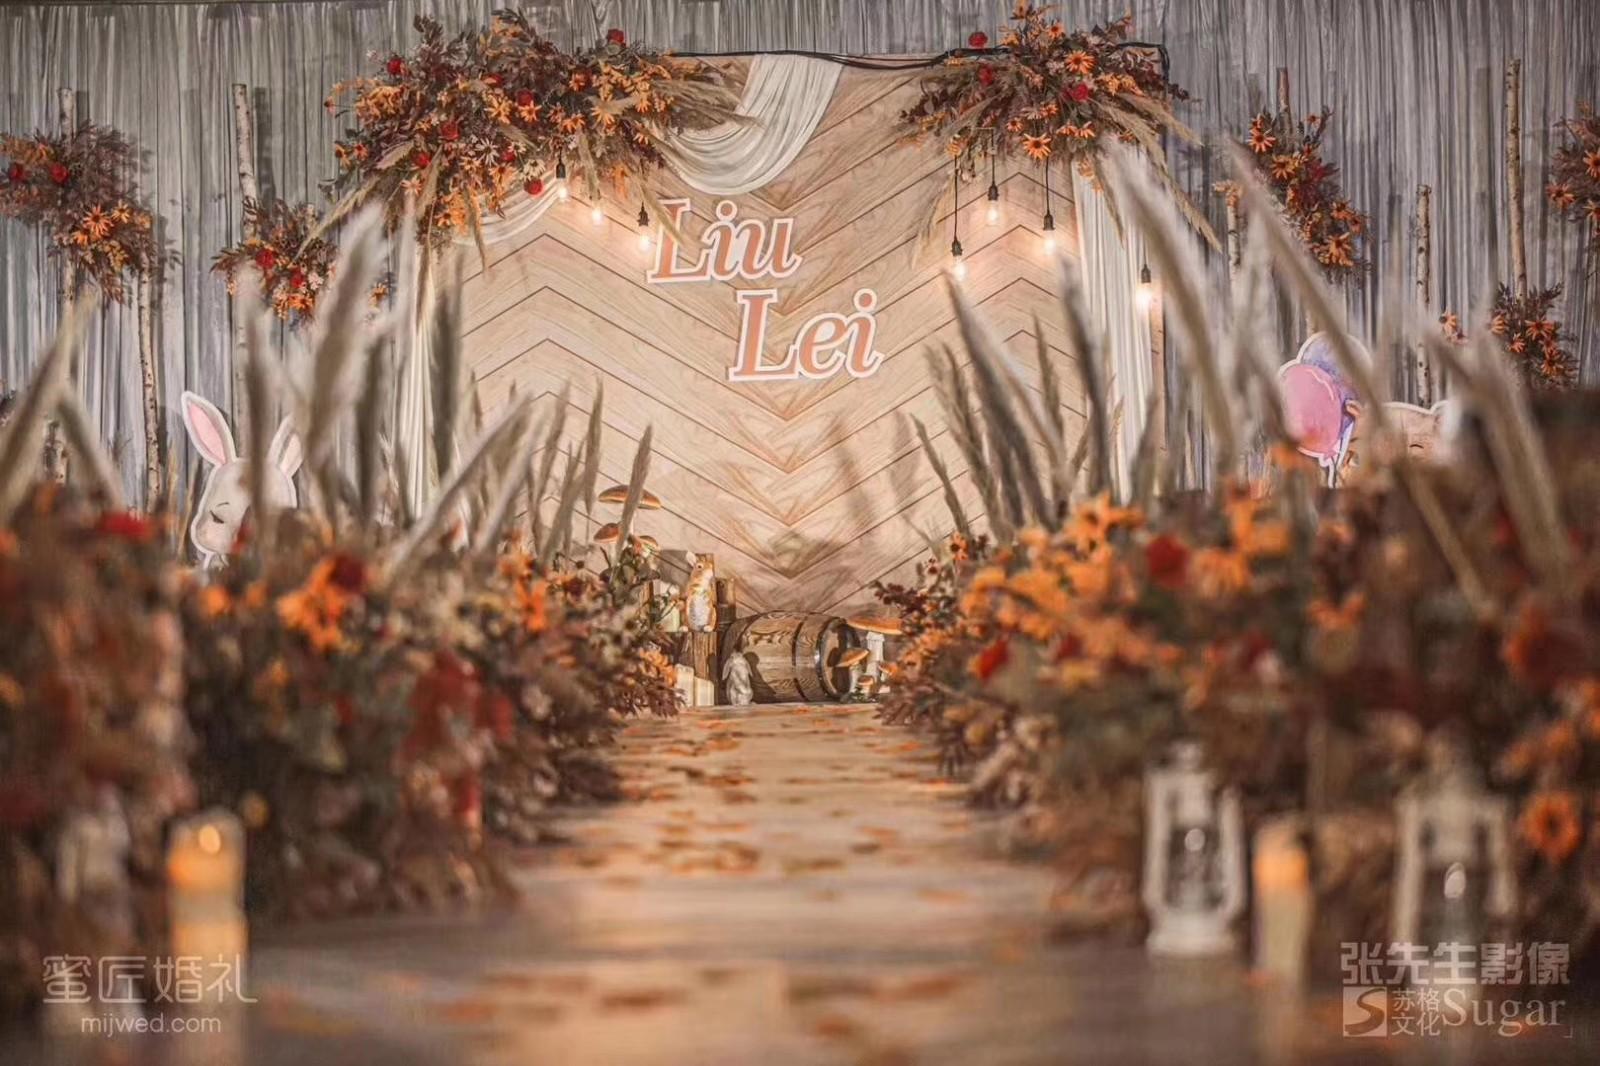 婚礼布置价位 布置婚礼大概多少钱